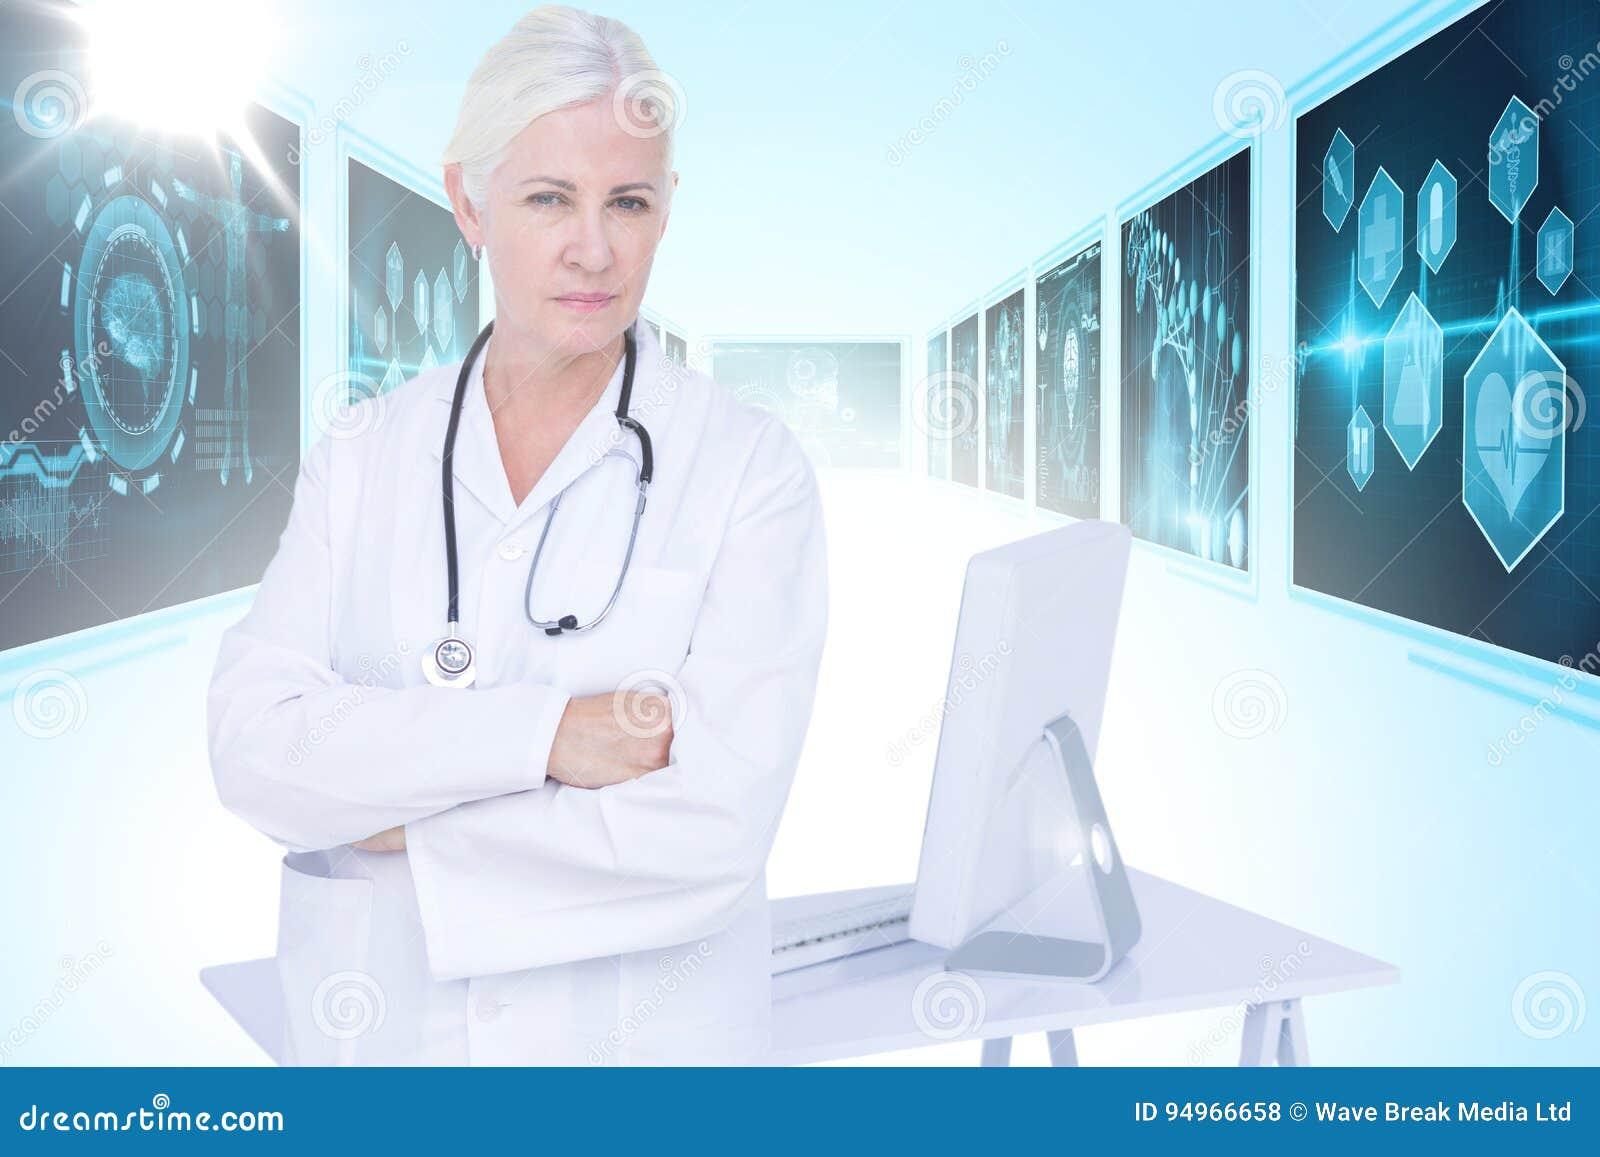 Zusammengesetztes Bild 3d des Porträts des bereitstehenden Schreibtisches der überzeugten Ärztin